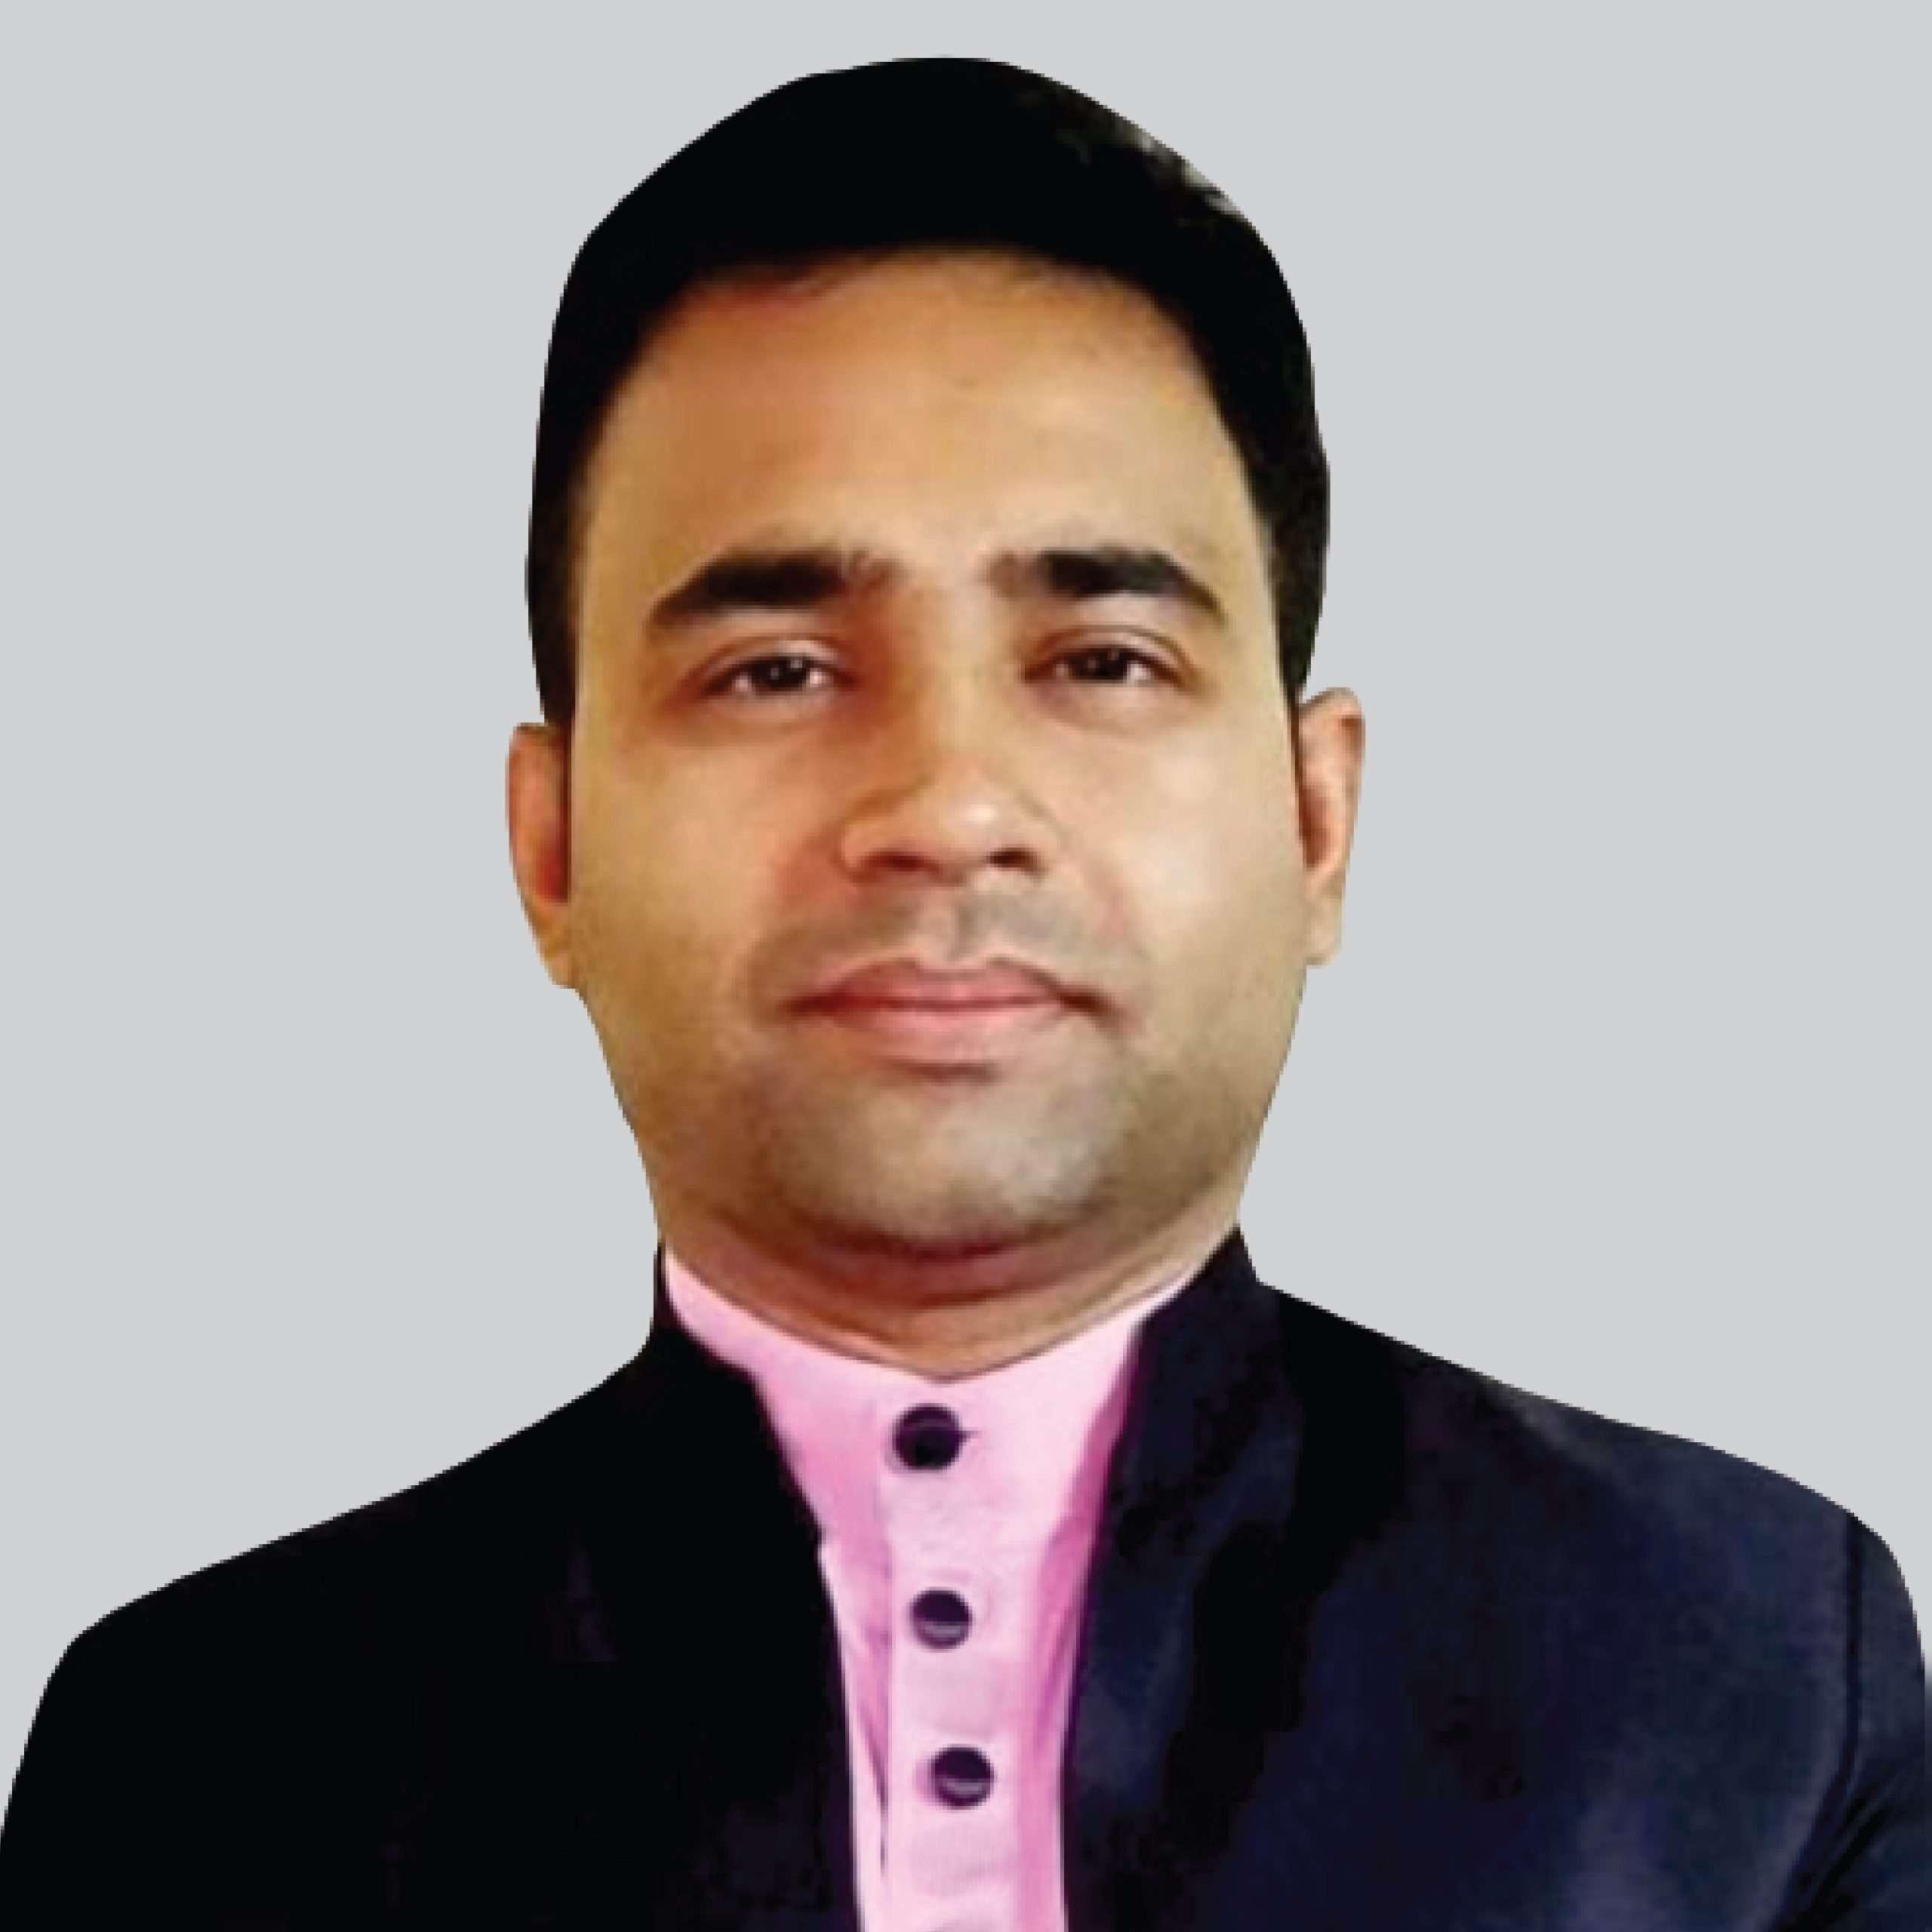 Mr. Ram Parida